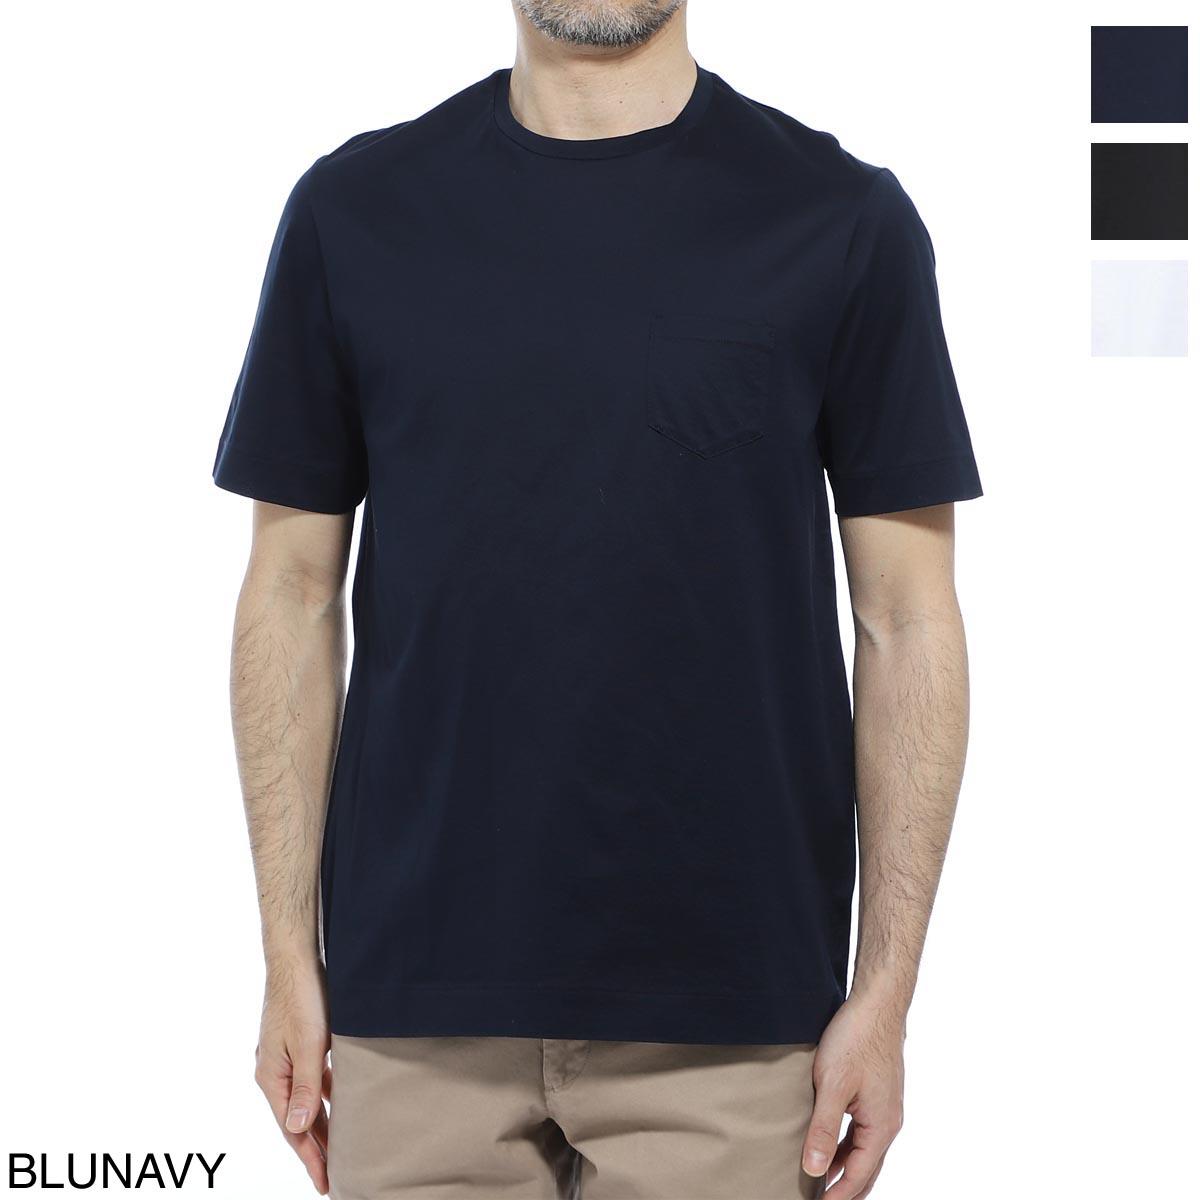 チルコロ CIRCOLO 1901 クルーネックTシャツ メンズ cn2699 447 T-SHIRT JERSEY【あす楽対応_関東】【返品送料無料】【ラッピング無料】